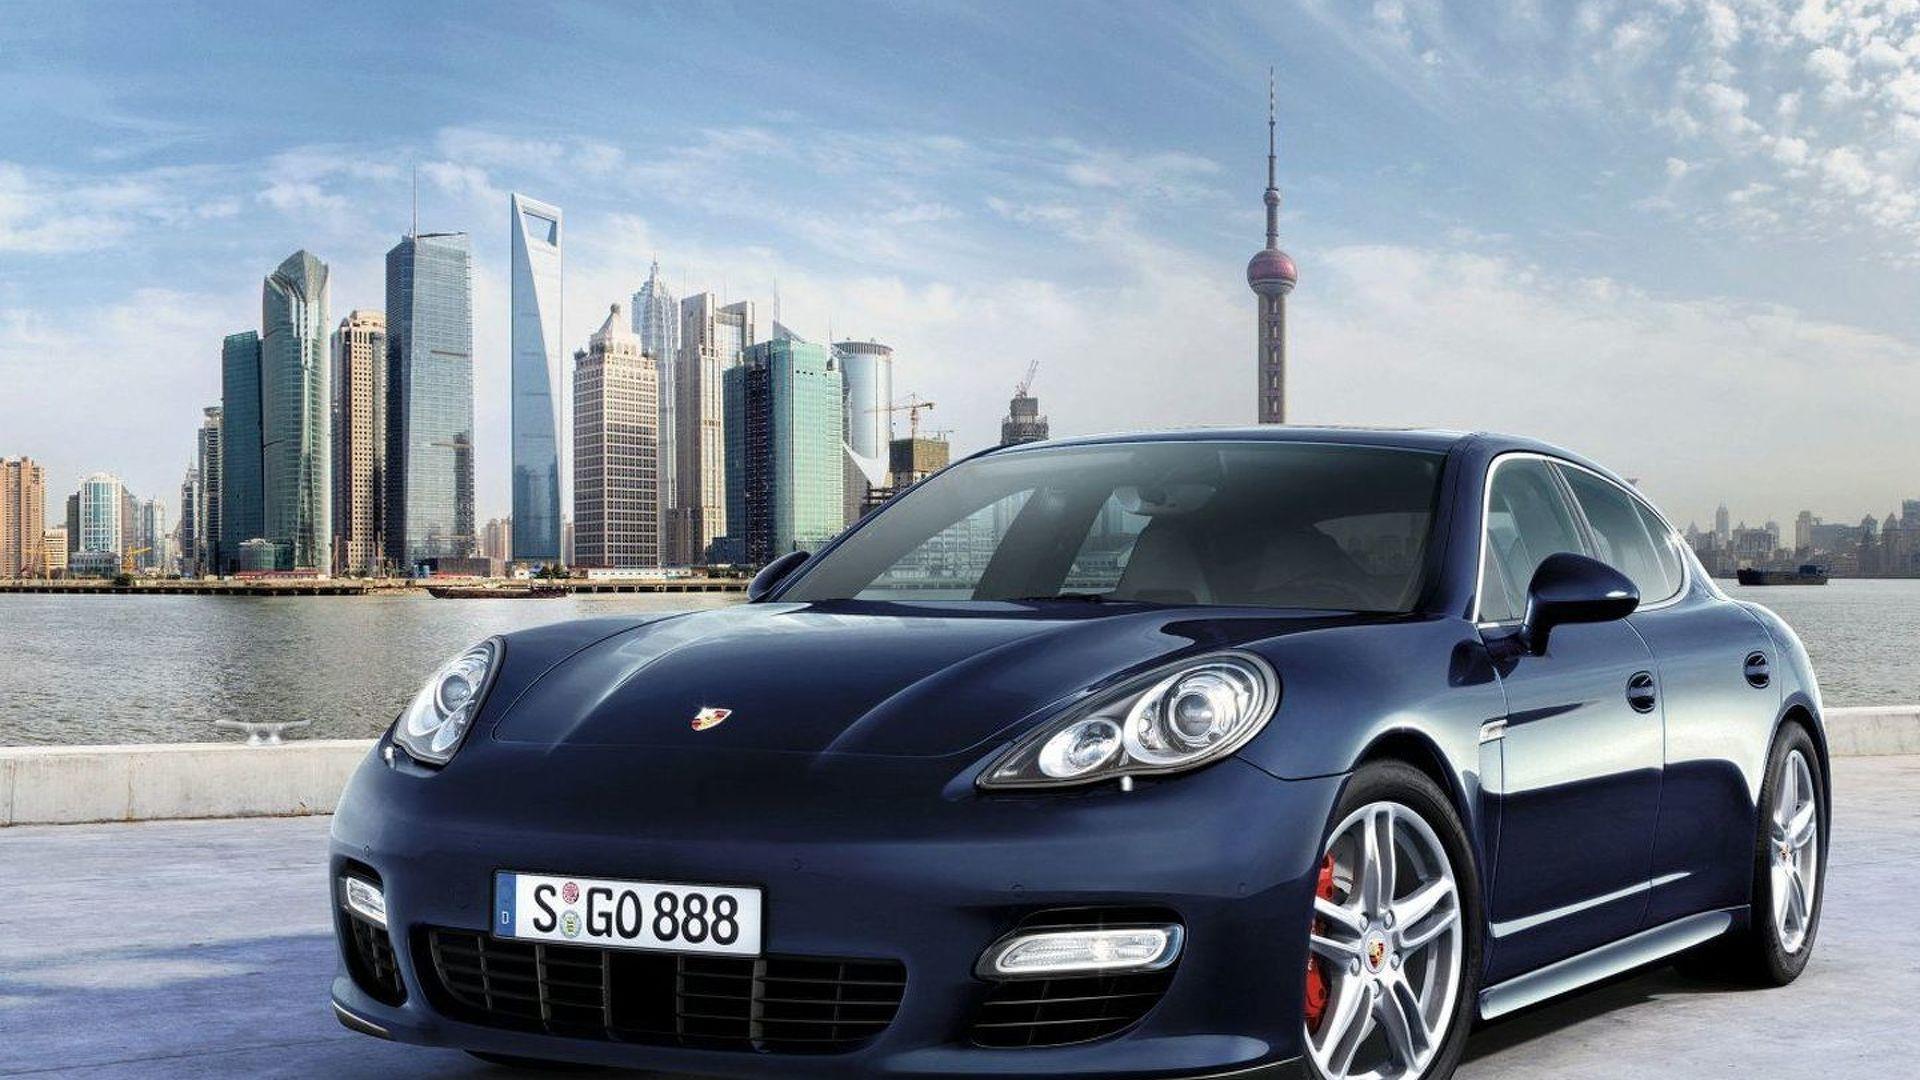 Porsche Panamera to Make World Premiere in Shanghai